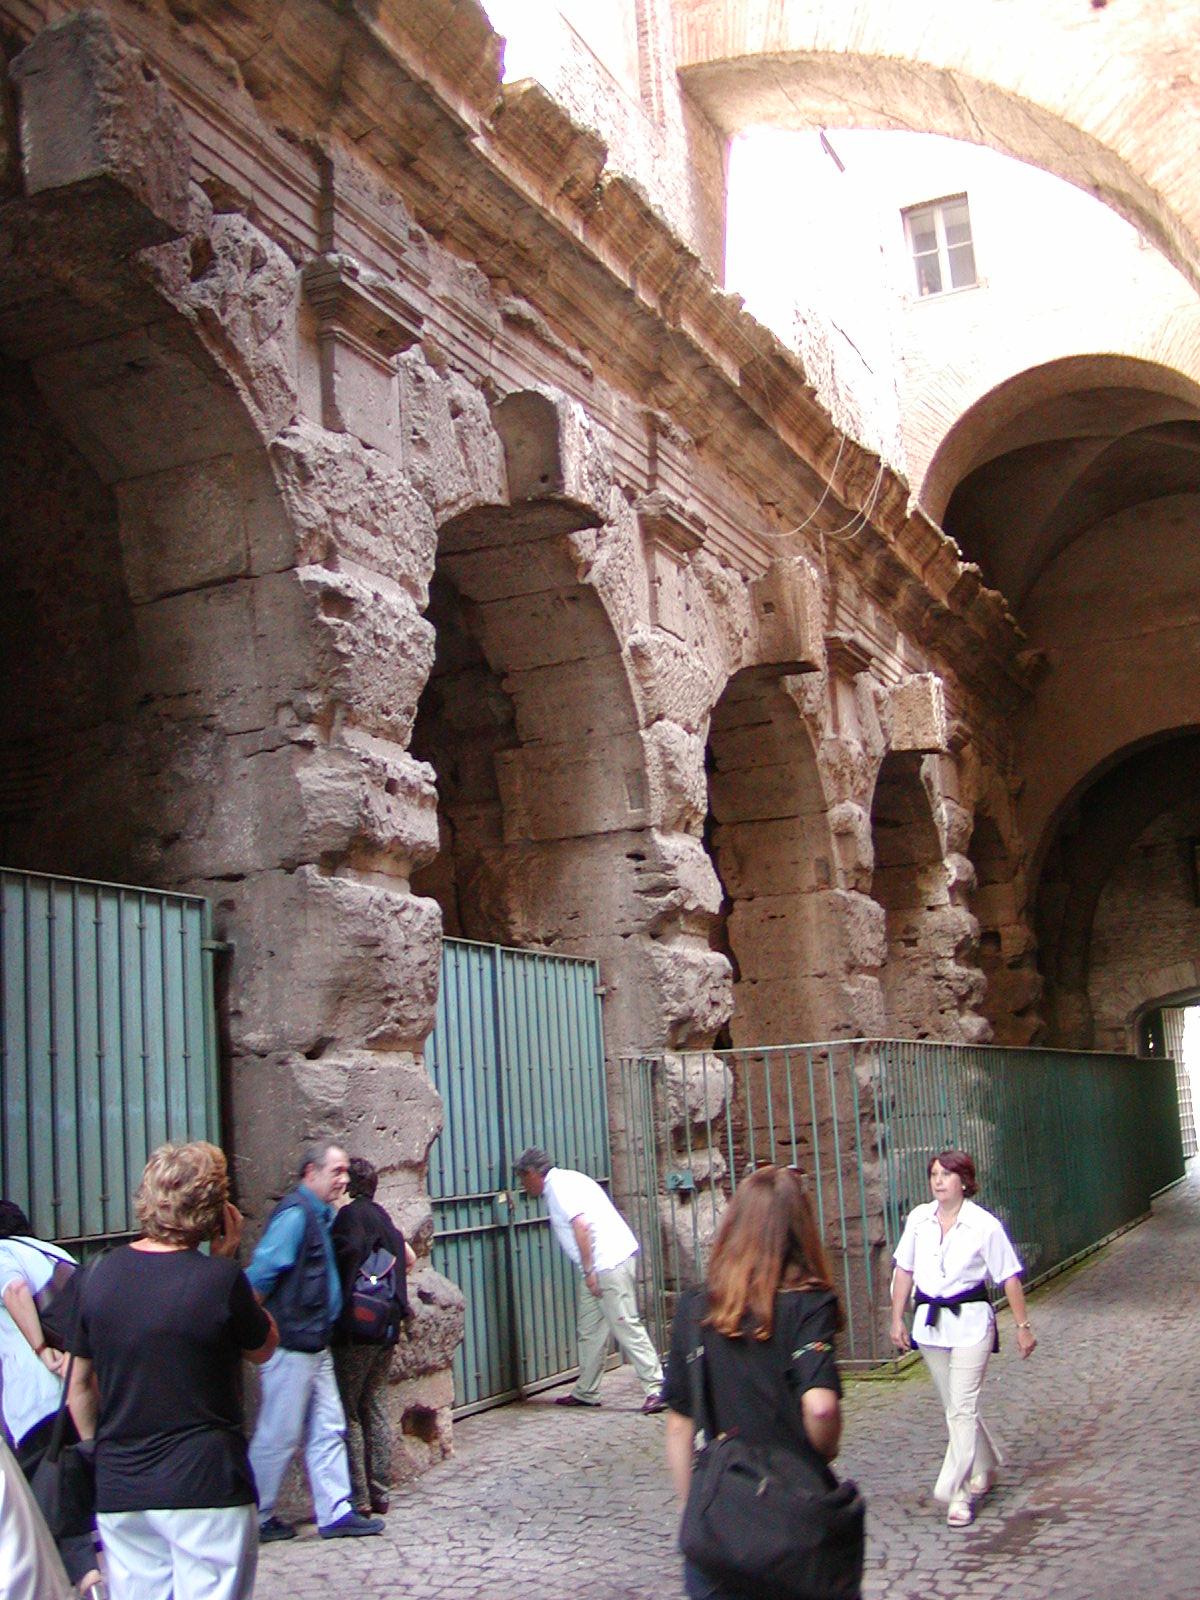 Piazza Santi Giovanni e Paolo - 2002-09-07-151837